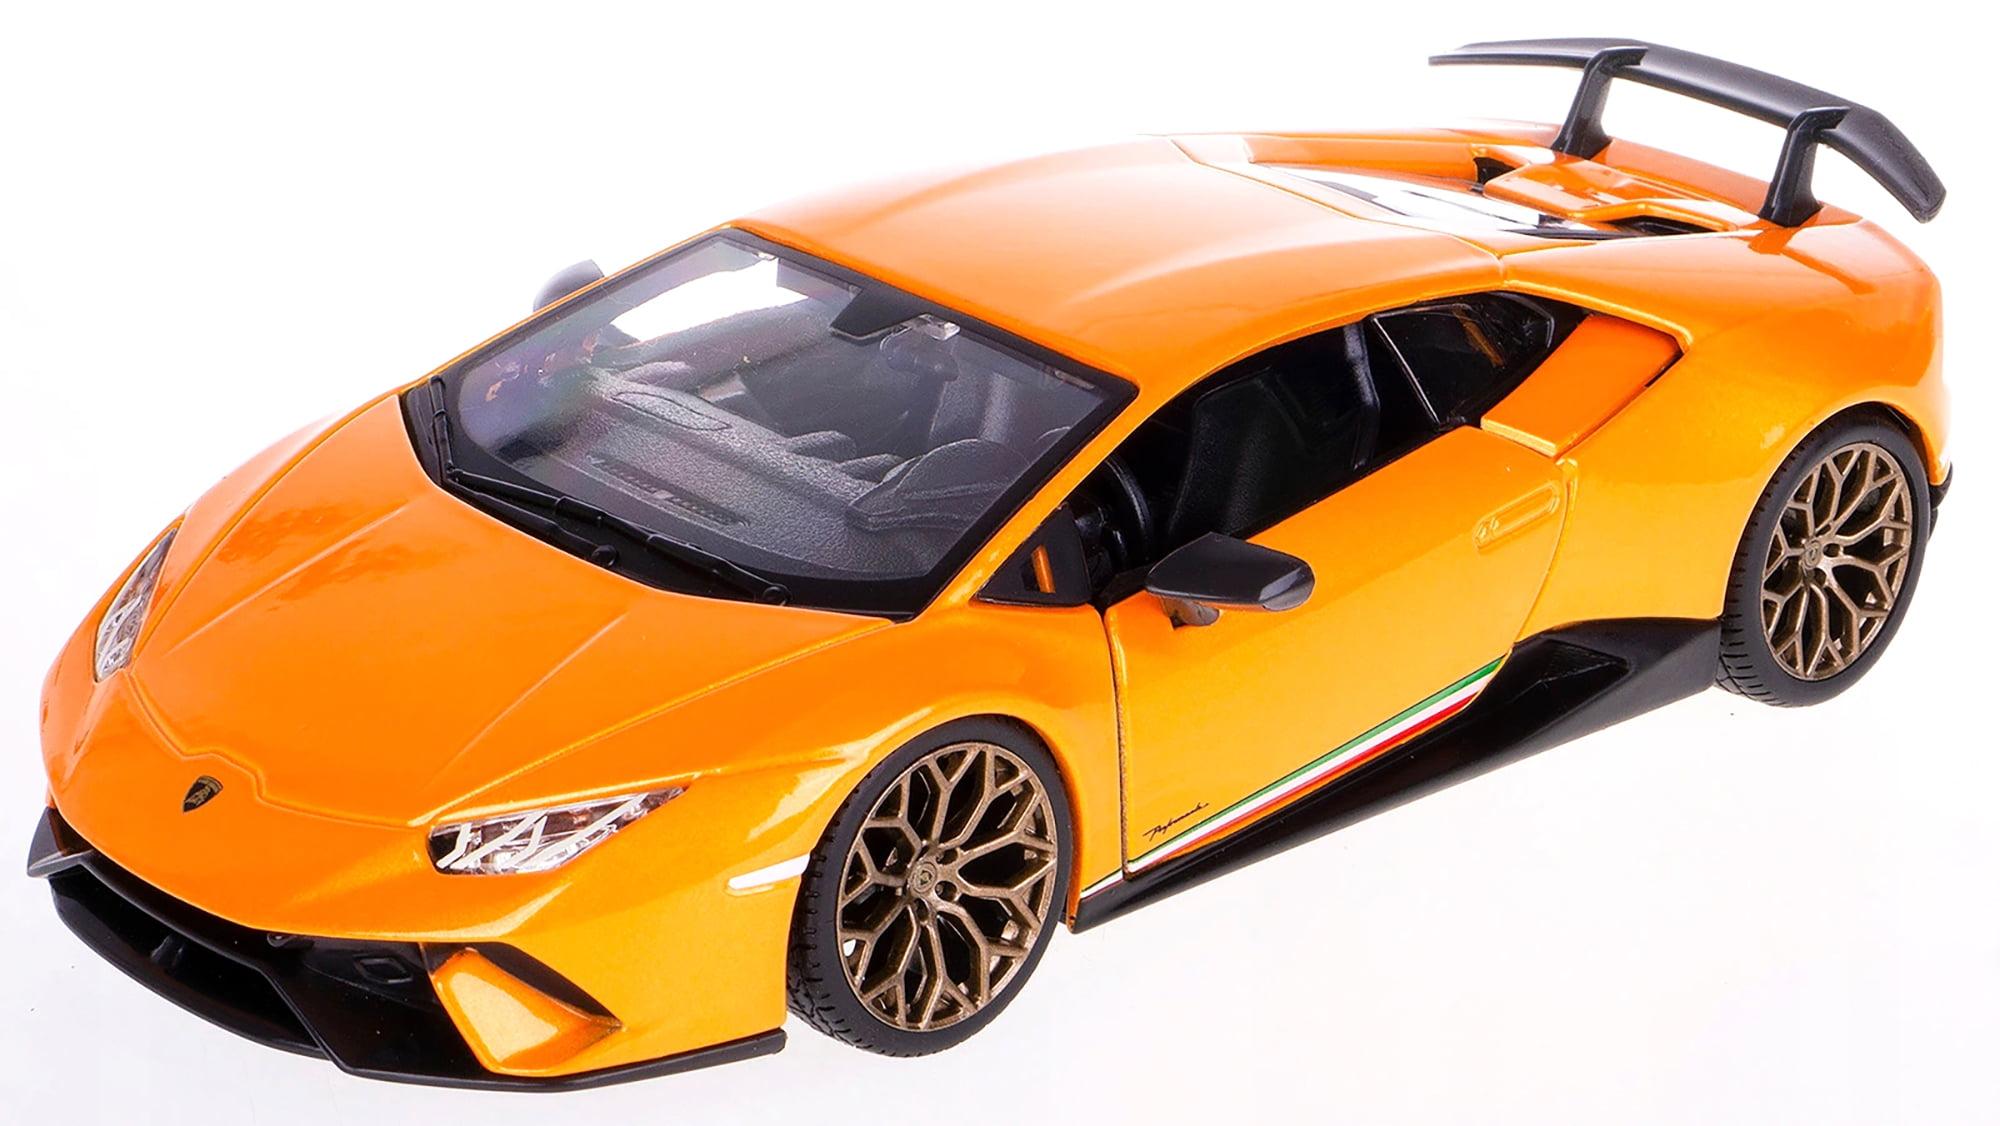 Bburago 1:24 Lamborghini Huracan Performante Diecast Metal Model Roadster Car